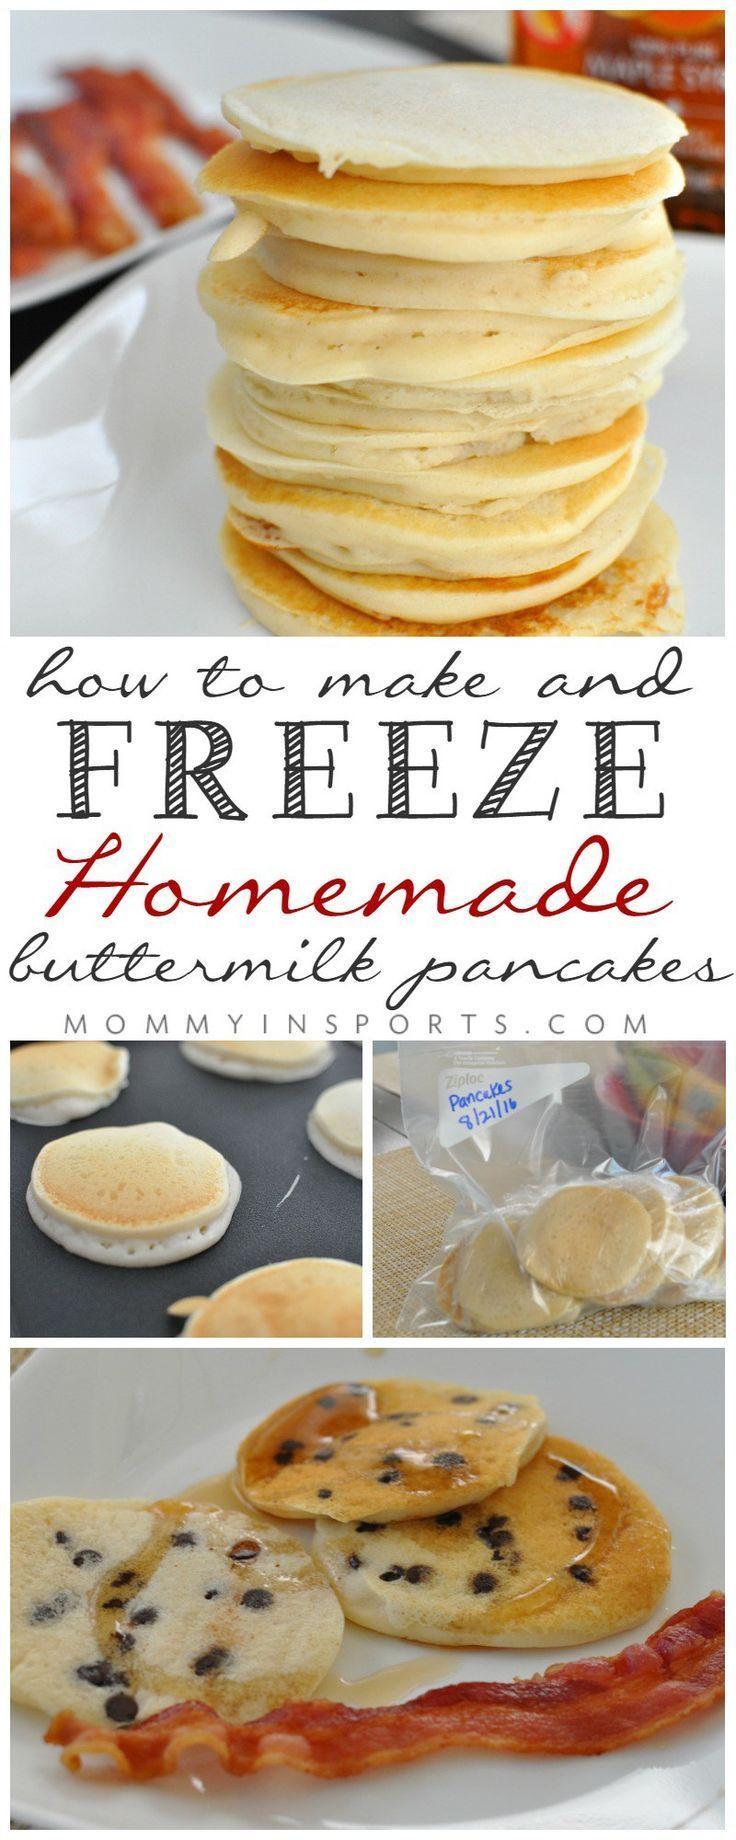 Homemade Buttermilk Pancakes Recipe Buttermilk Pancakes Homemade Buttermilk Pancakes Homemade Buttermilk